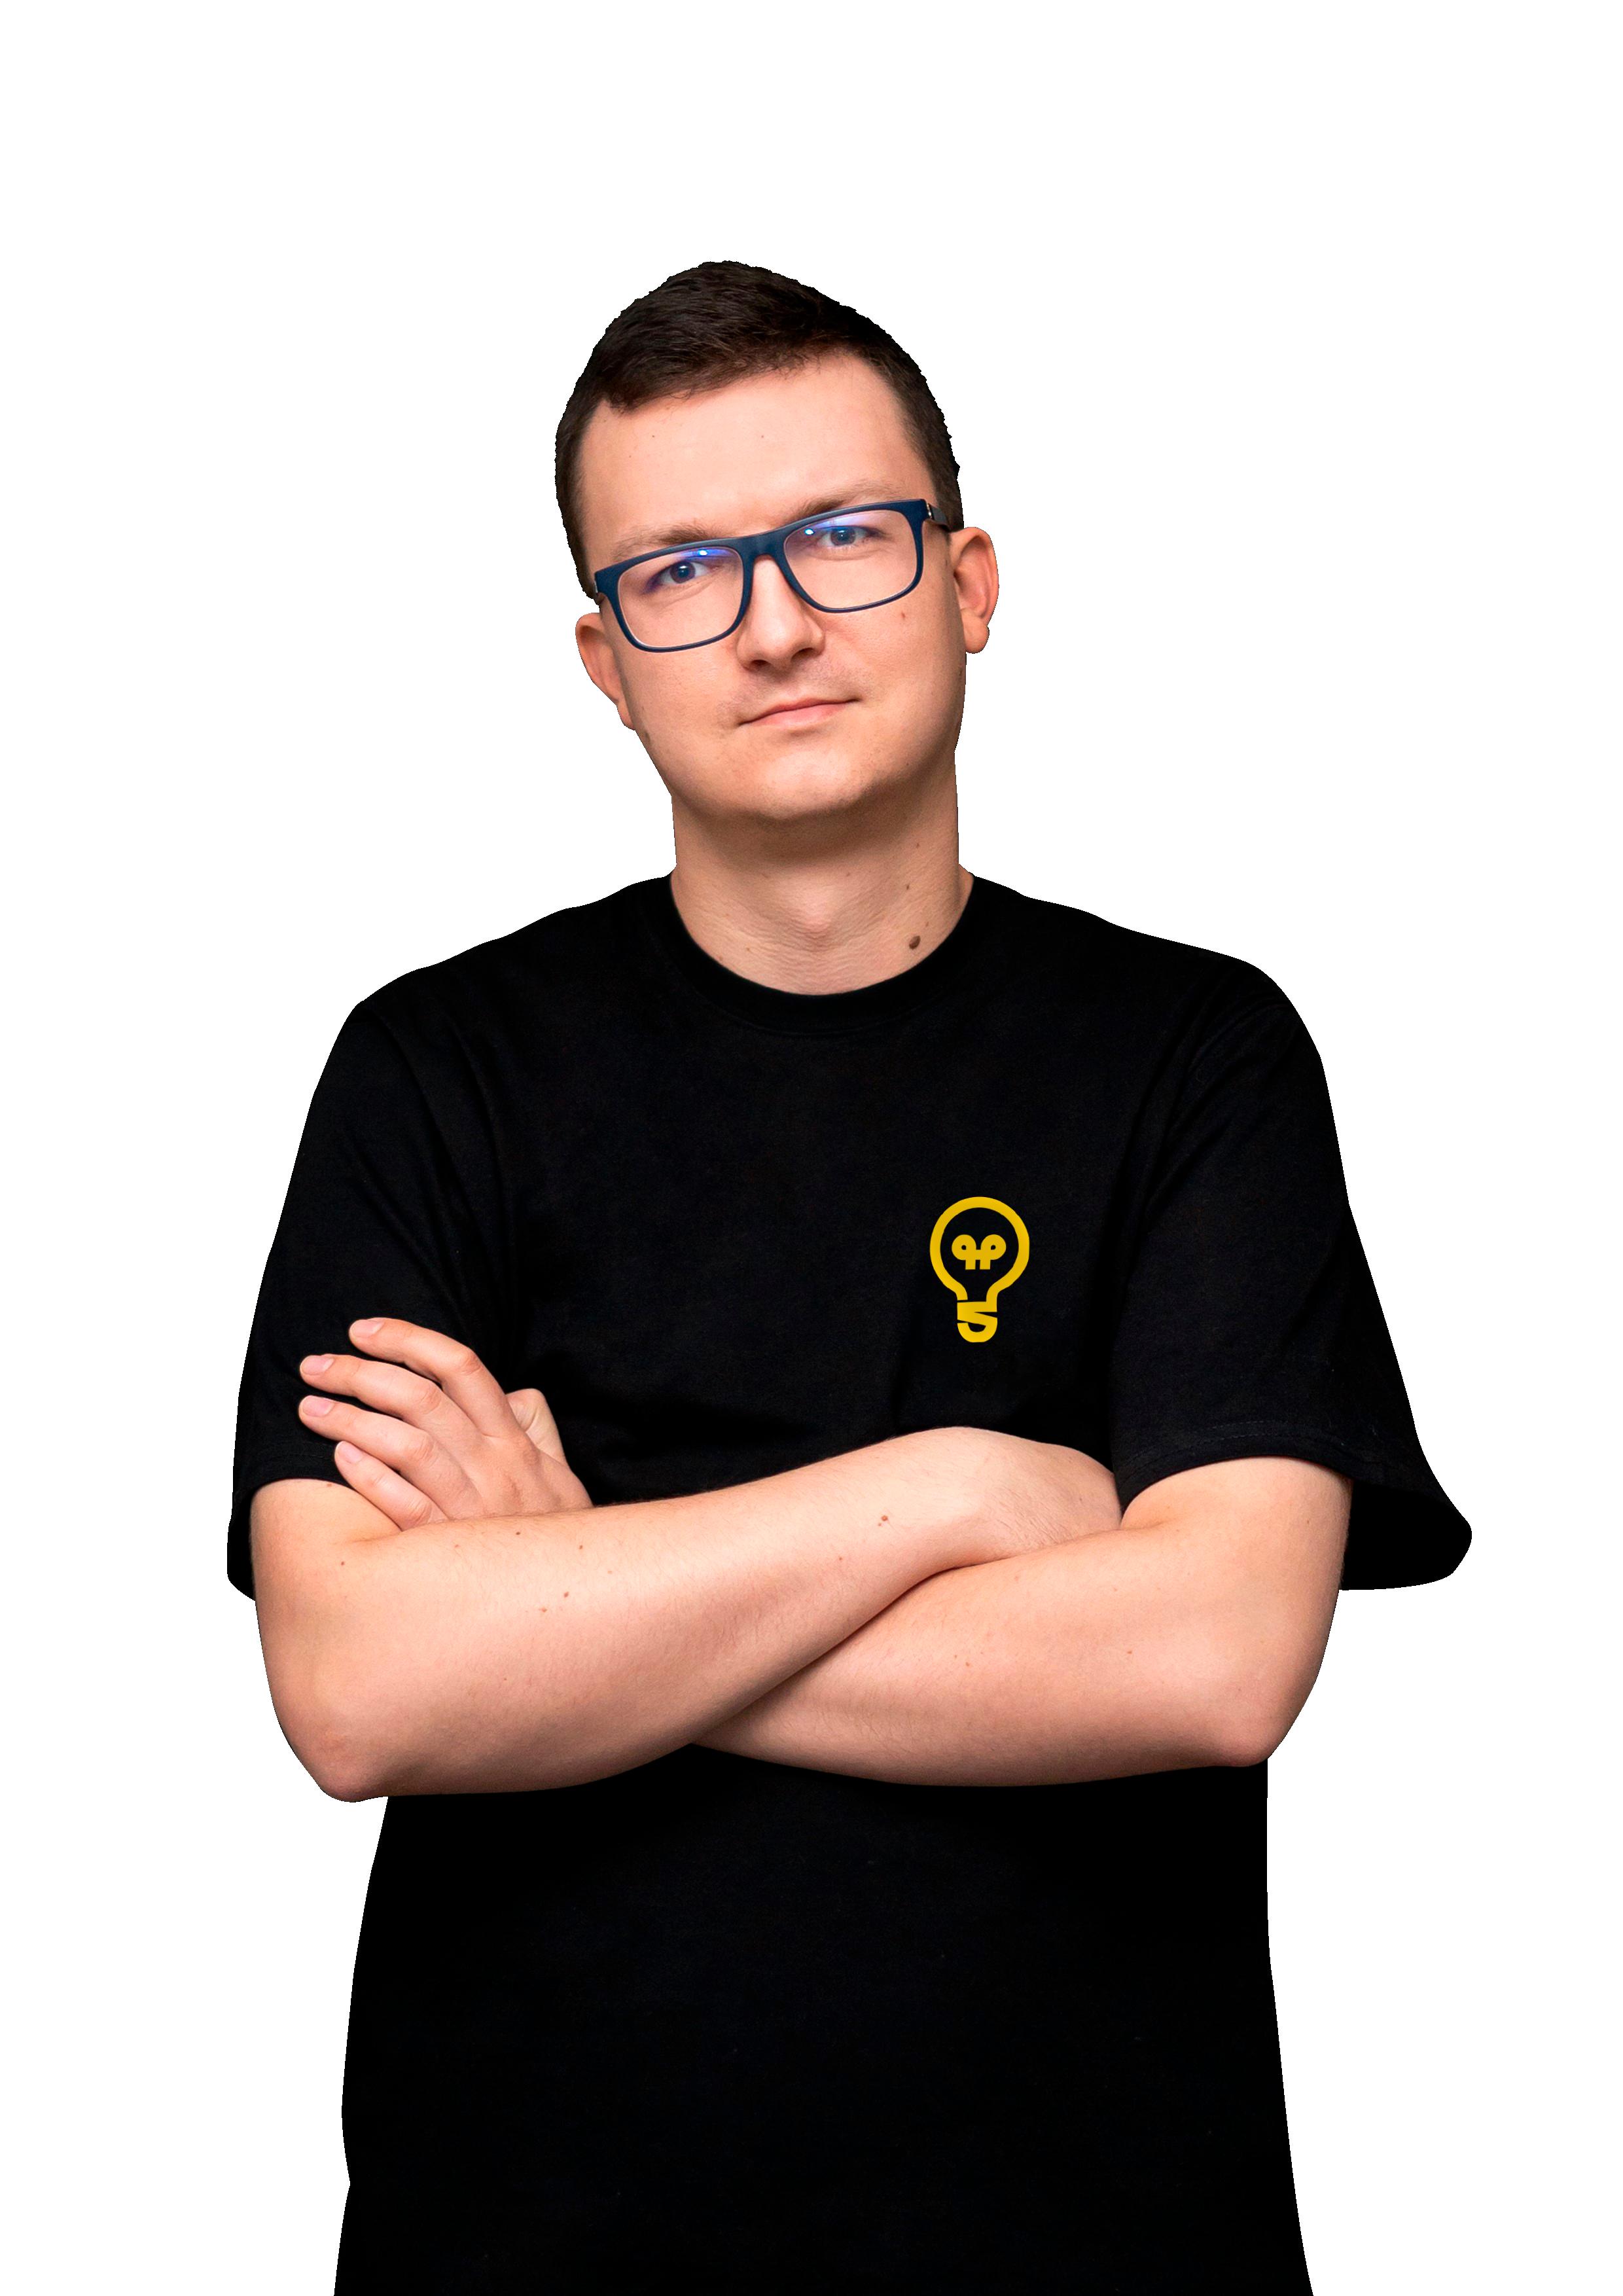 Marcin Bańcerowski